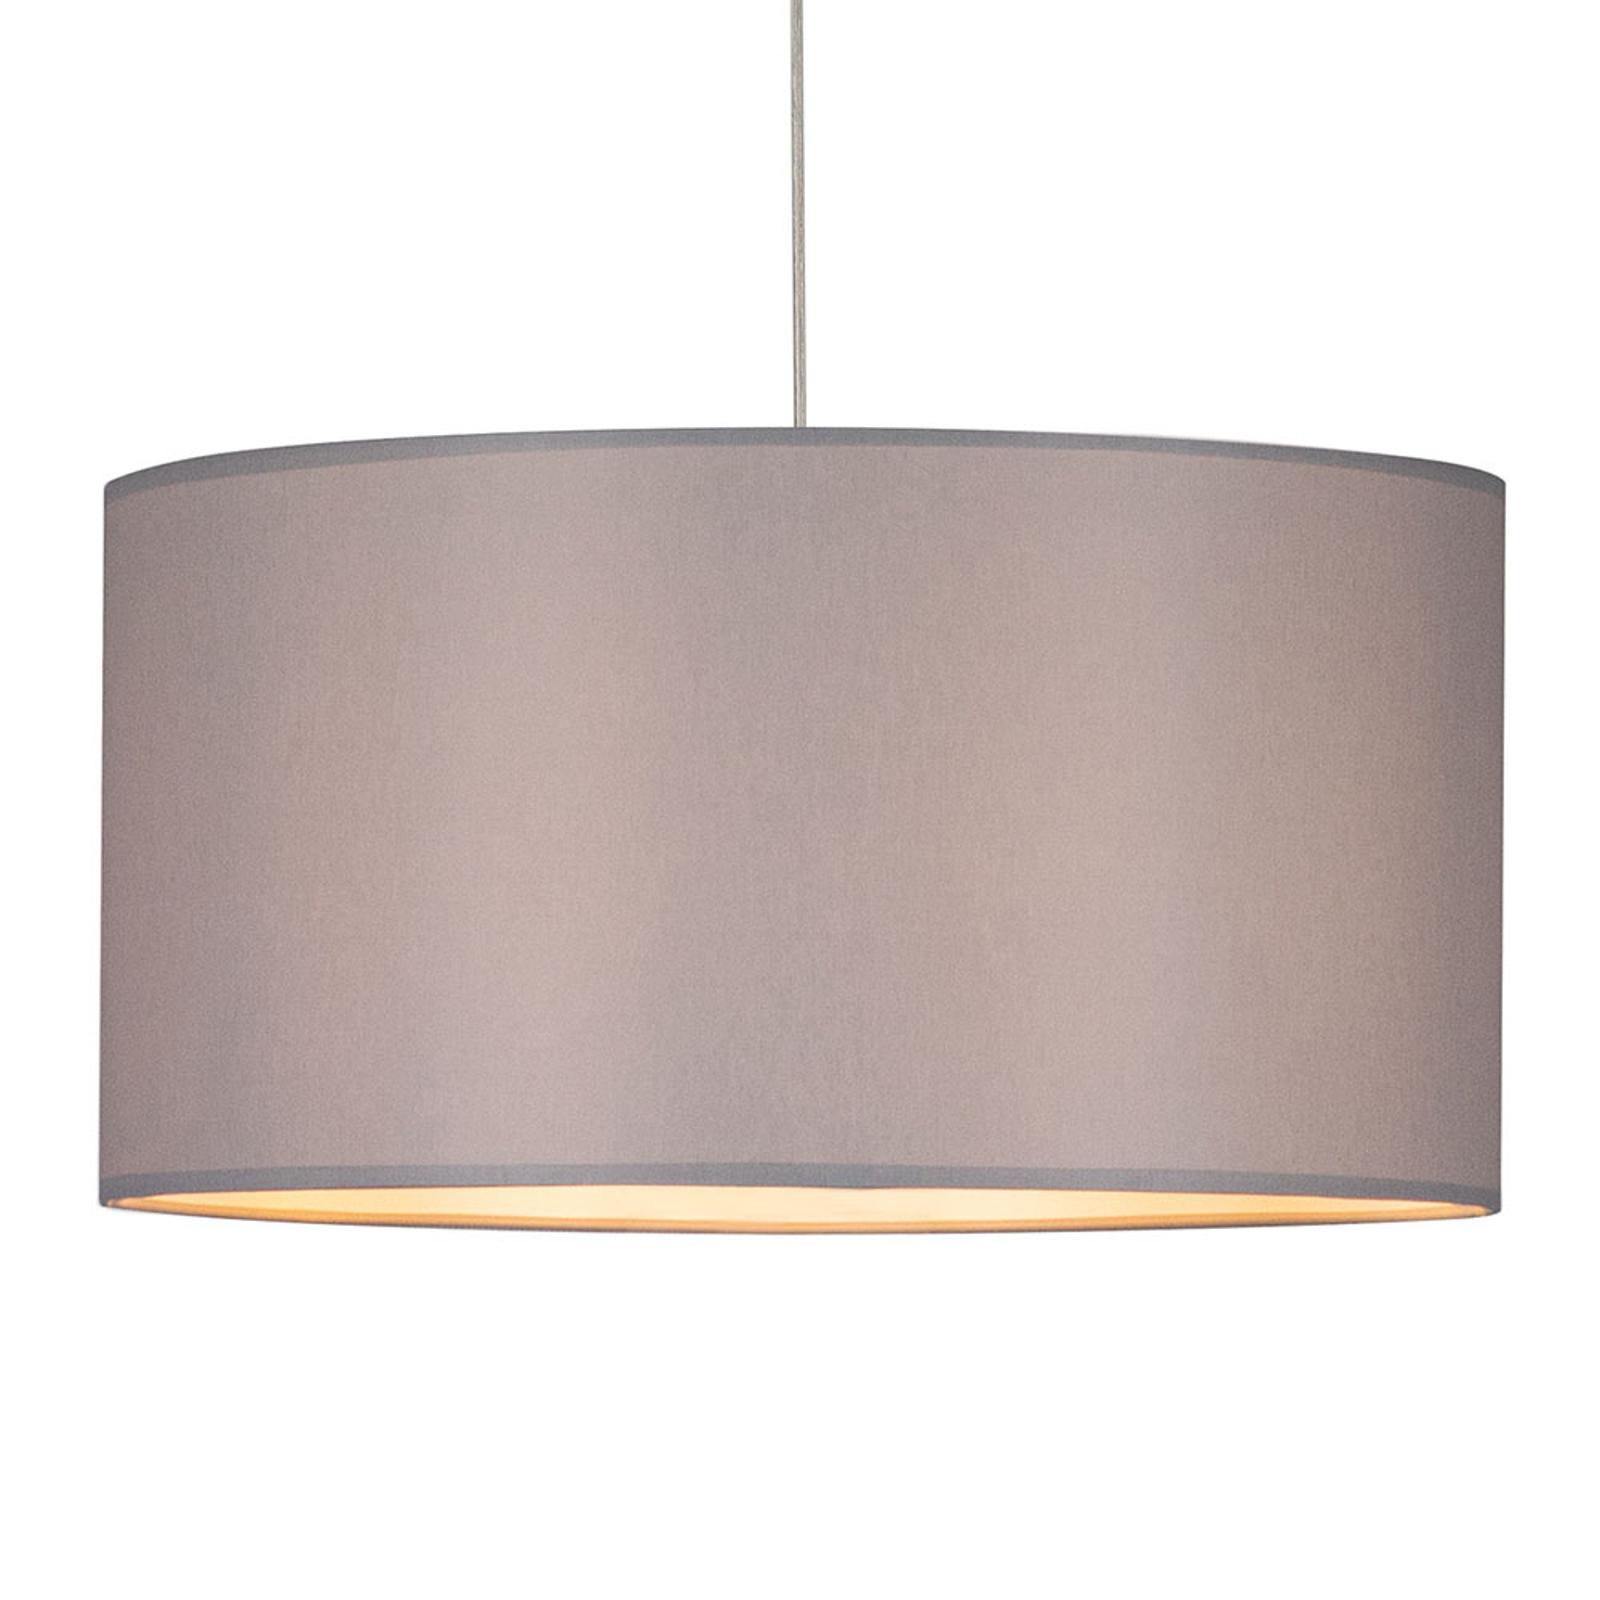 Lampa wisząca Corralee, szara, 1-punktowa